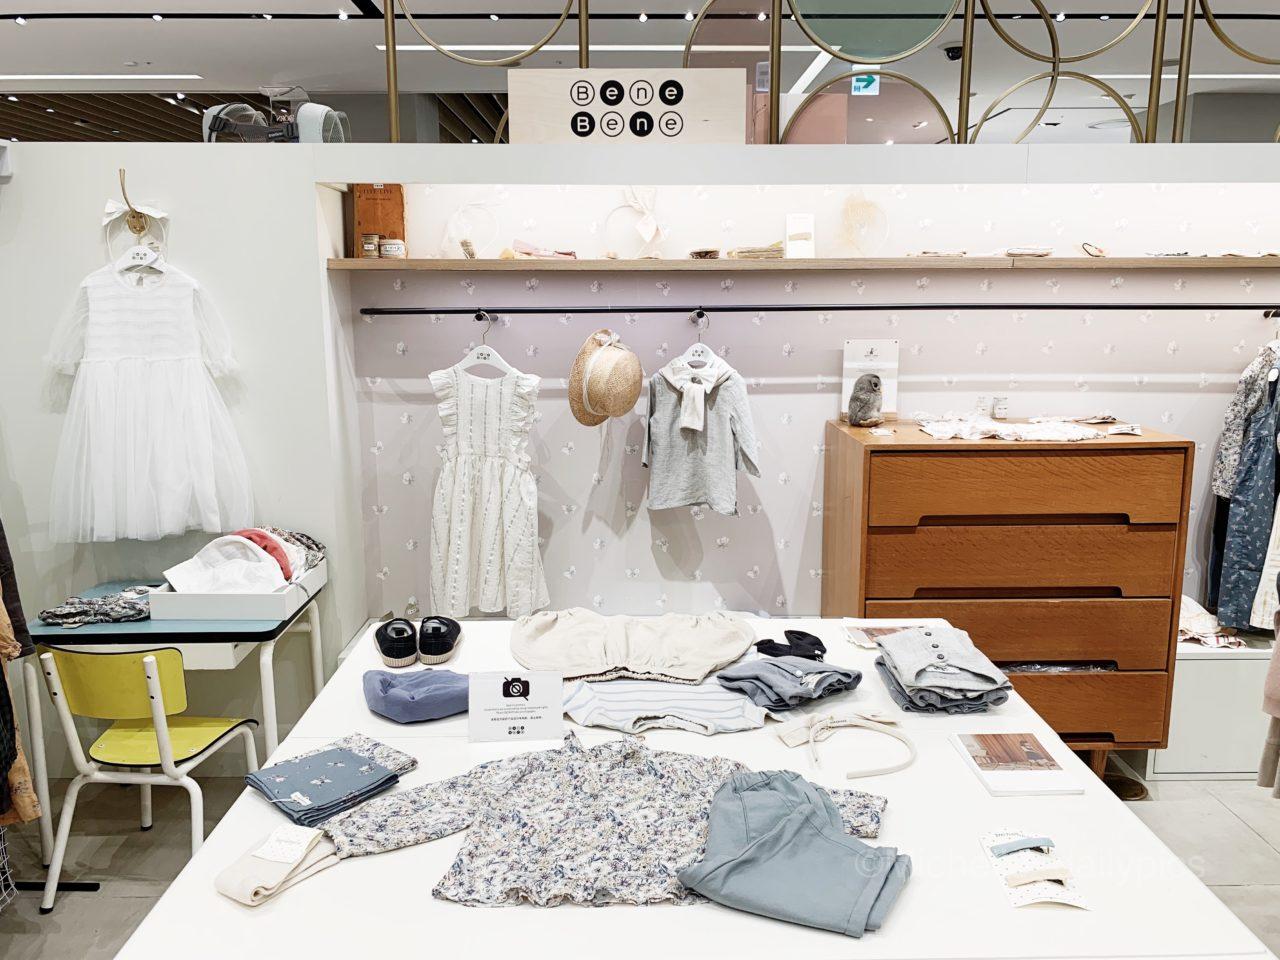 bf62da38 ab74 4f99 9946 0af82673fa9d - 韓国の子供服がかわいい!ソウルで行くべきおすすめショップ